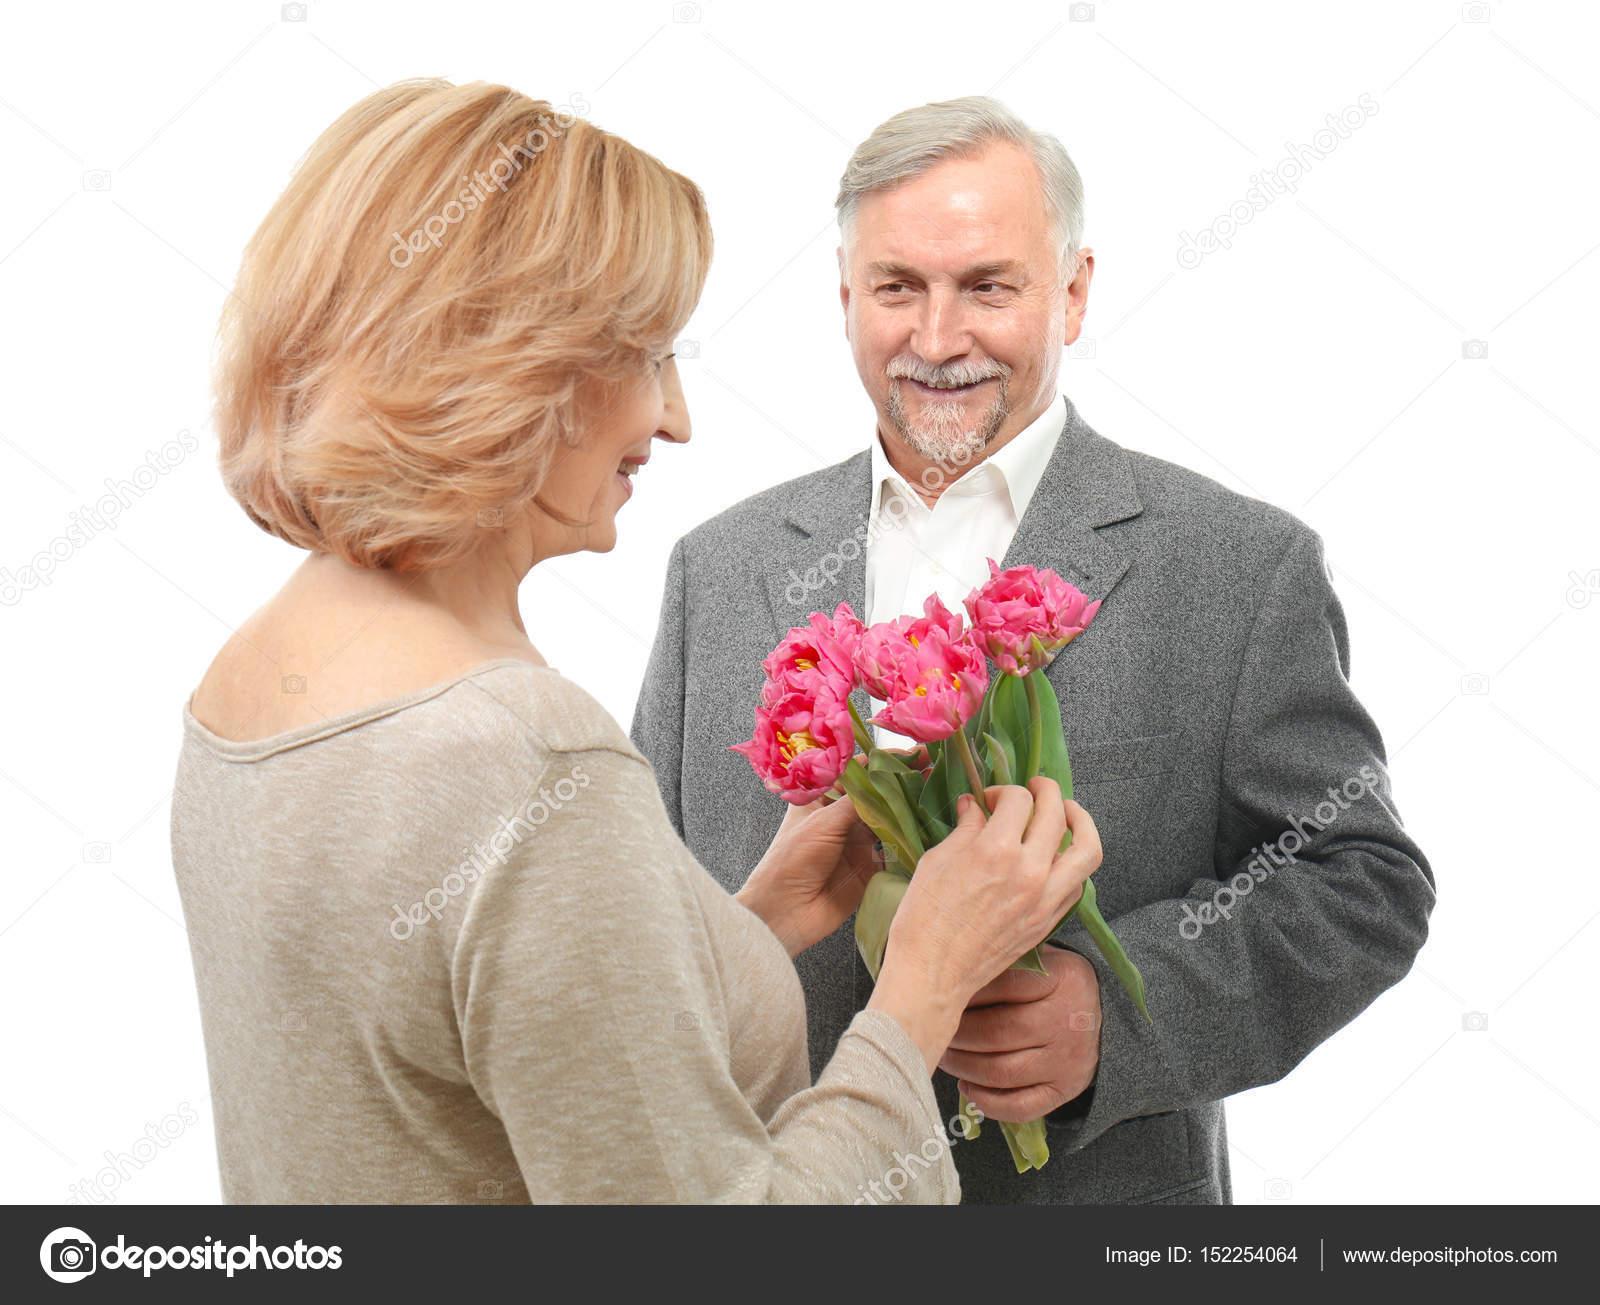 bloemen geven aan een man